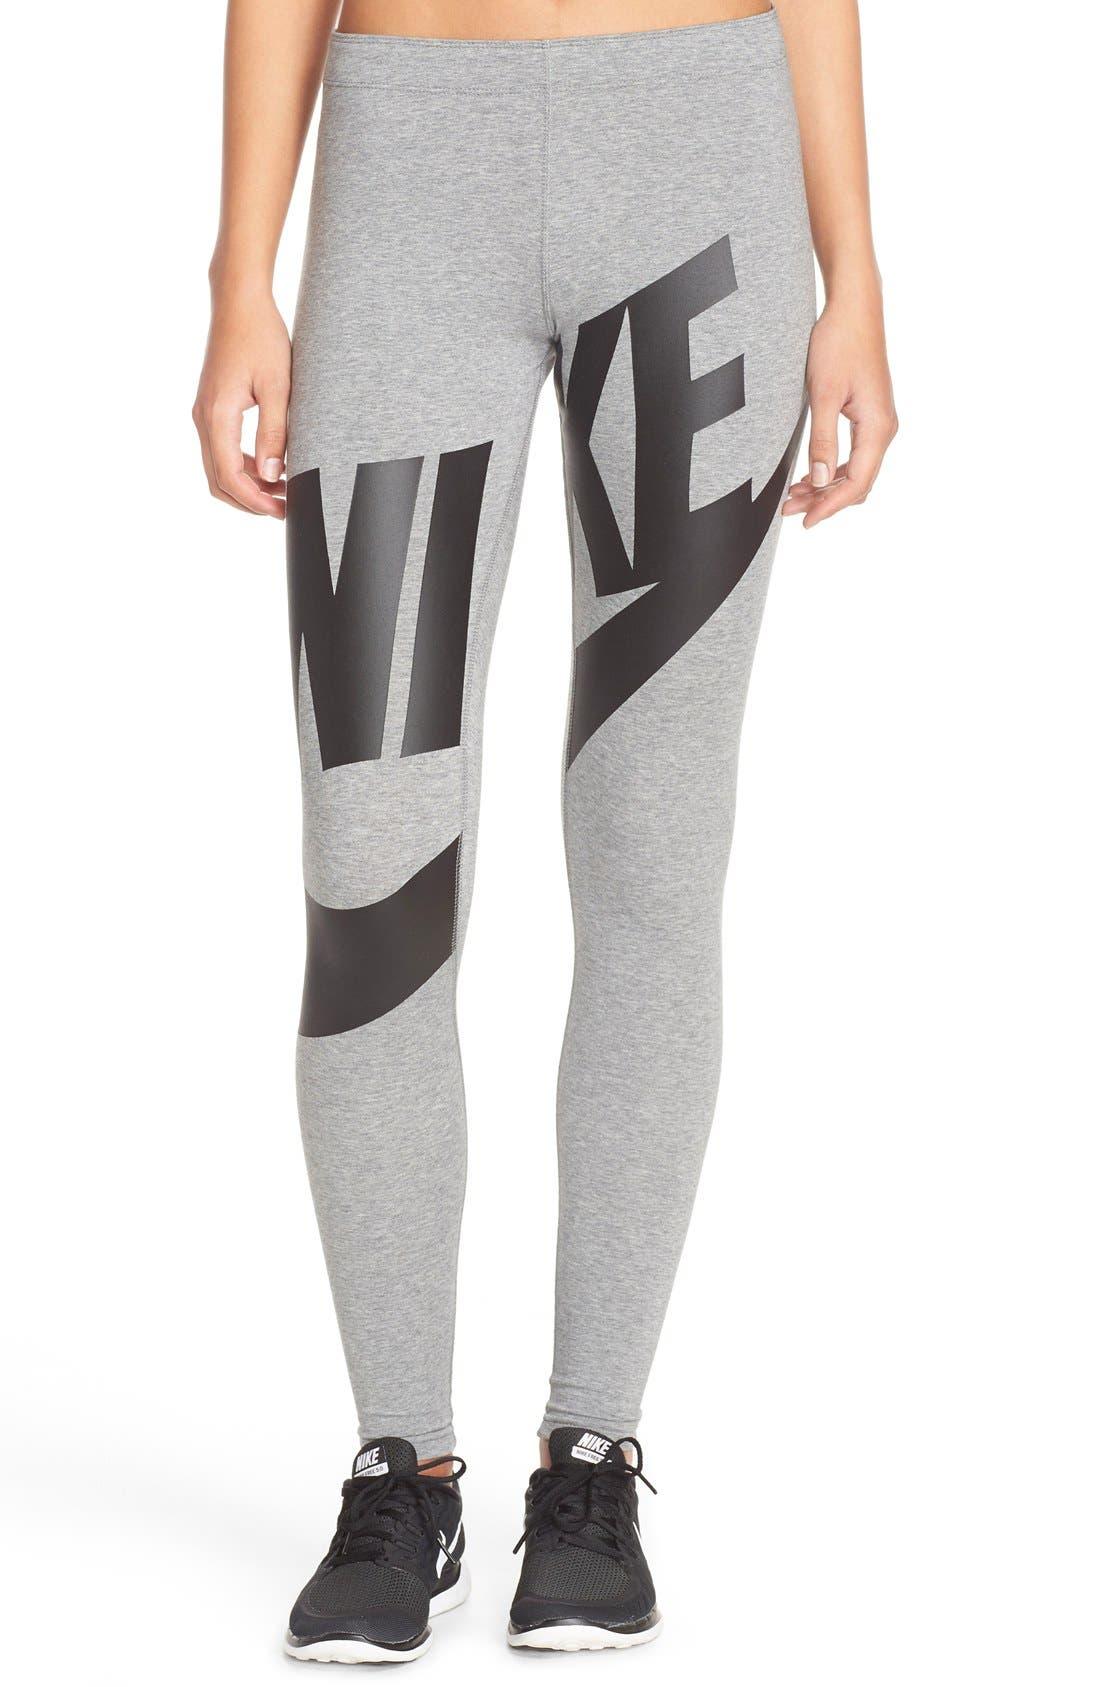 Alternate Image 1 Selected - Nike 'Leg-A-See' Exploded Logo Leggings